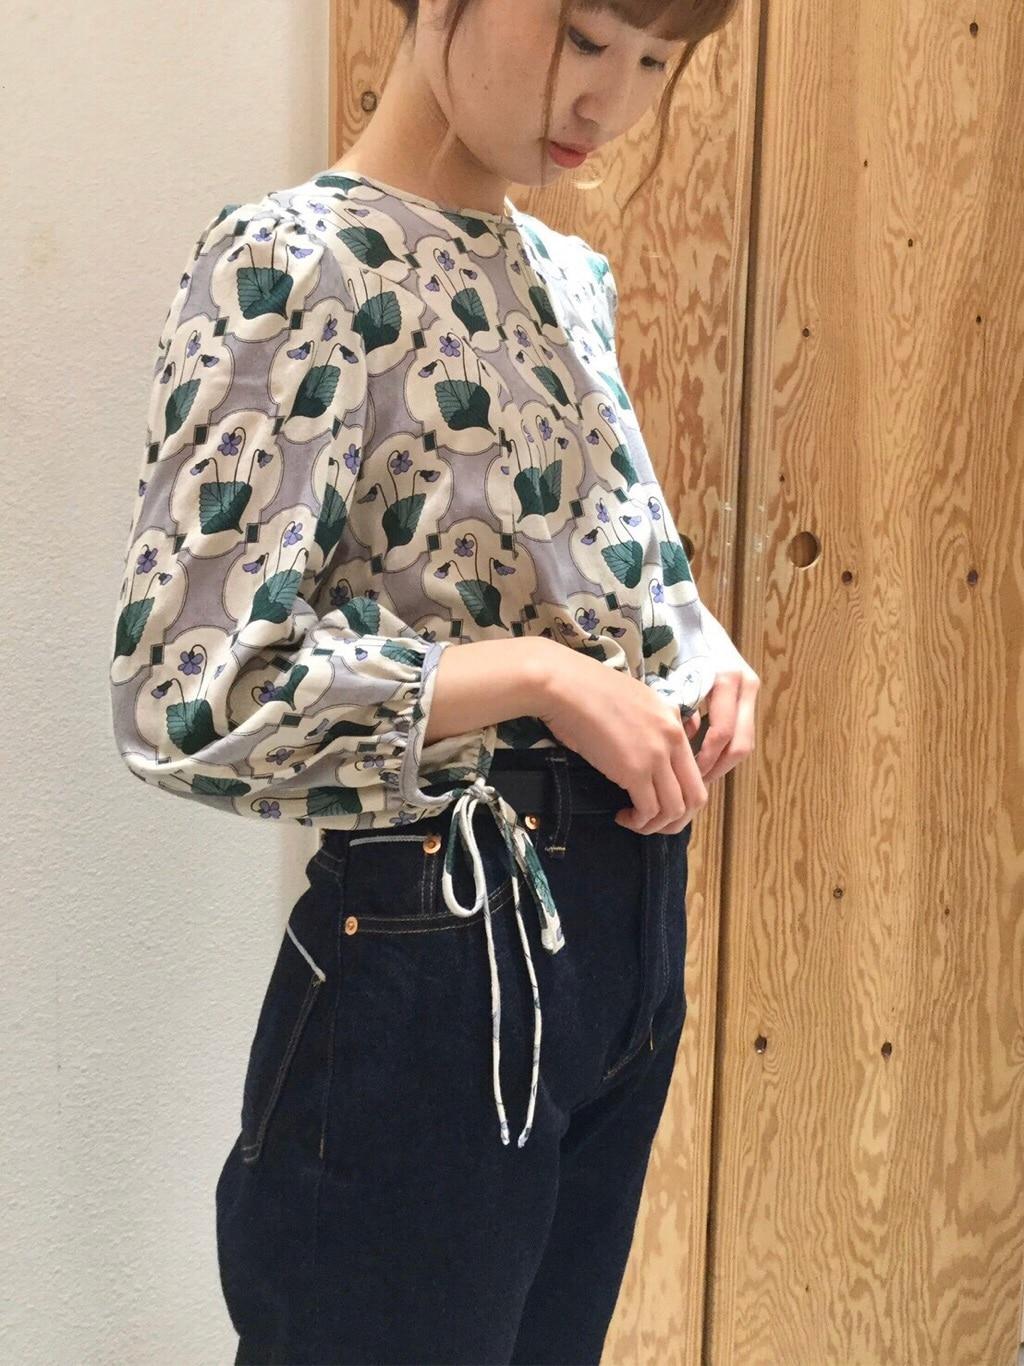 l'atelier du savon グランフロント大阪 身長:157cm 2020.04.14